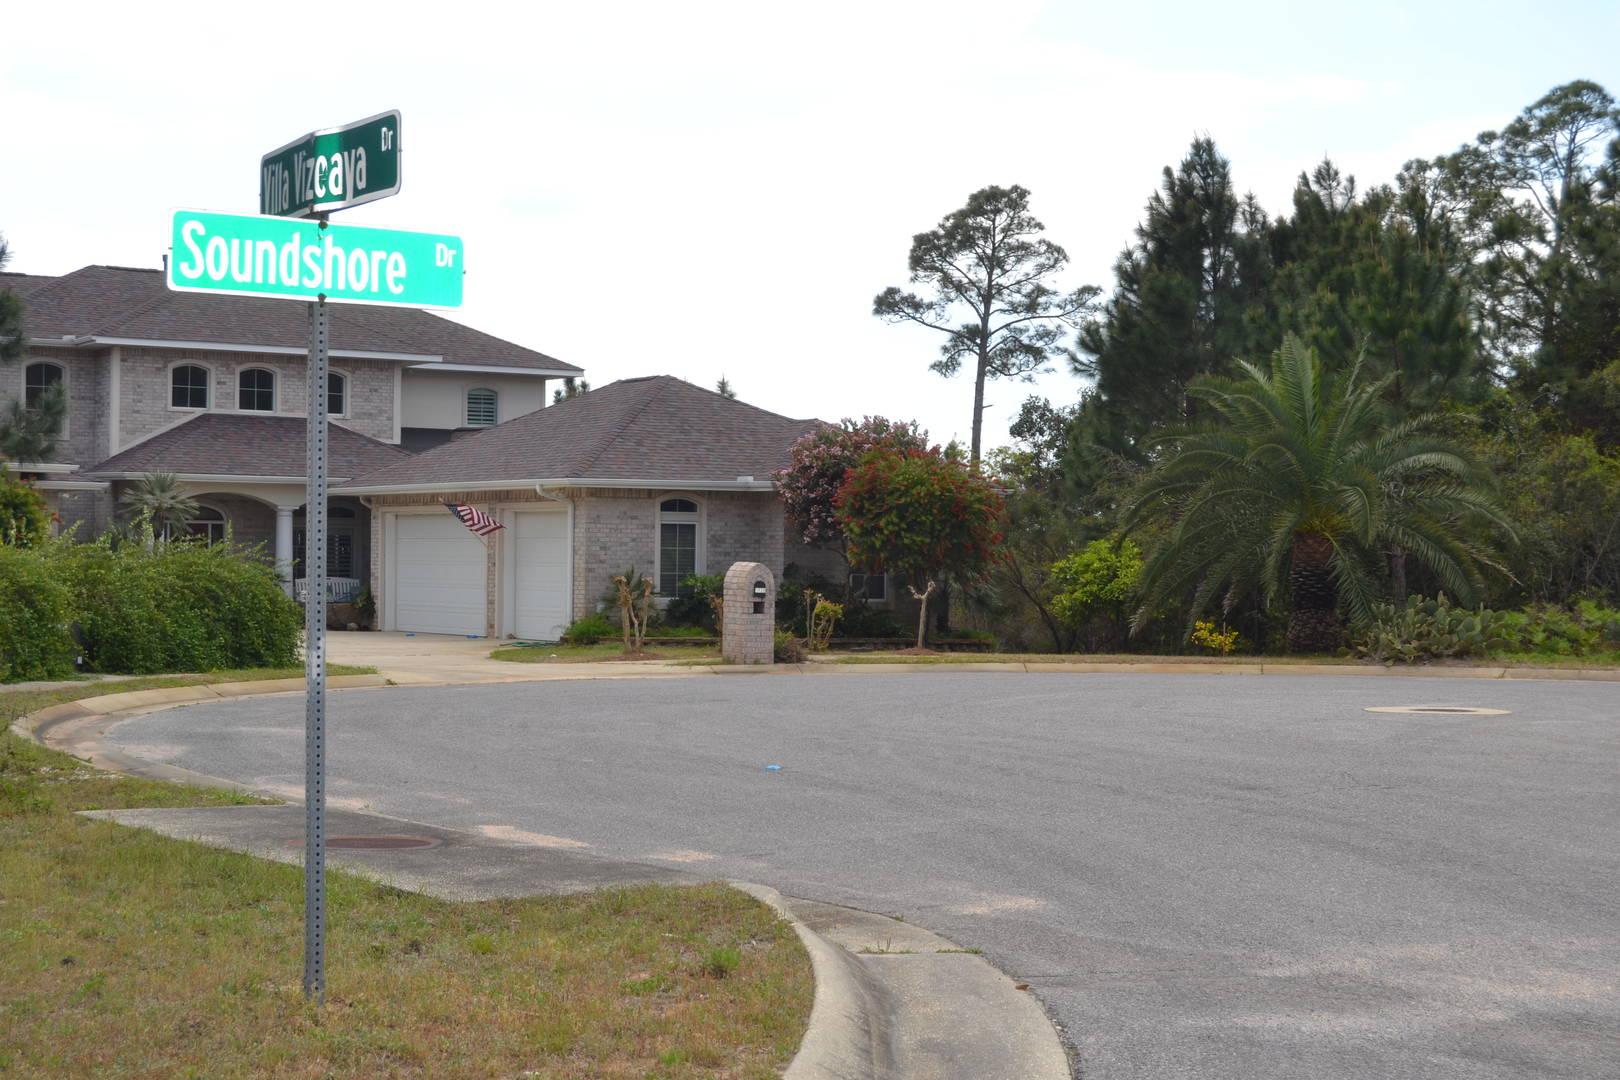 7463 Soundshore Dr Navarre, FL 32566